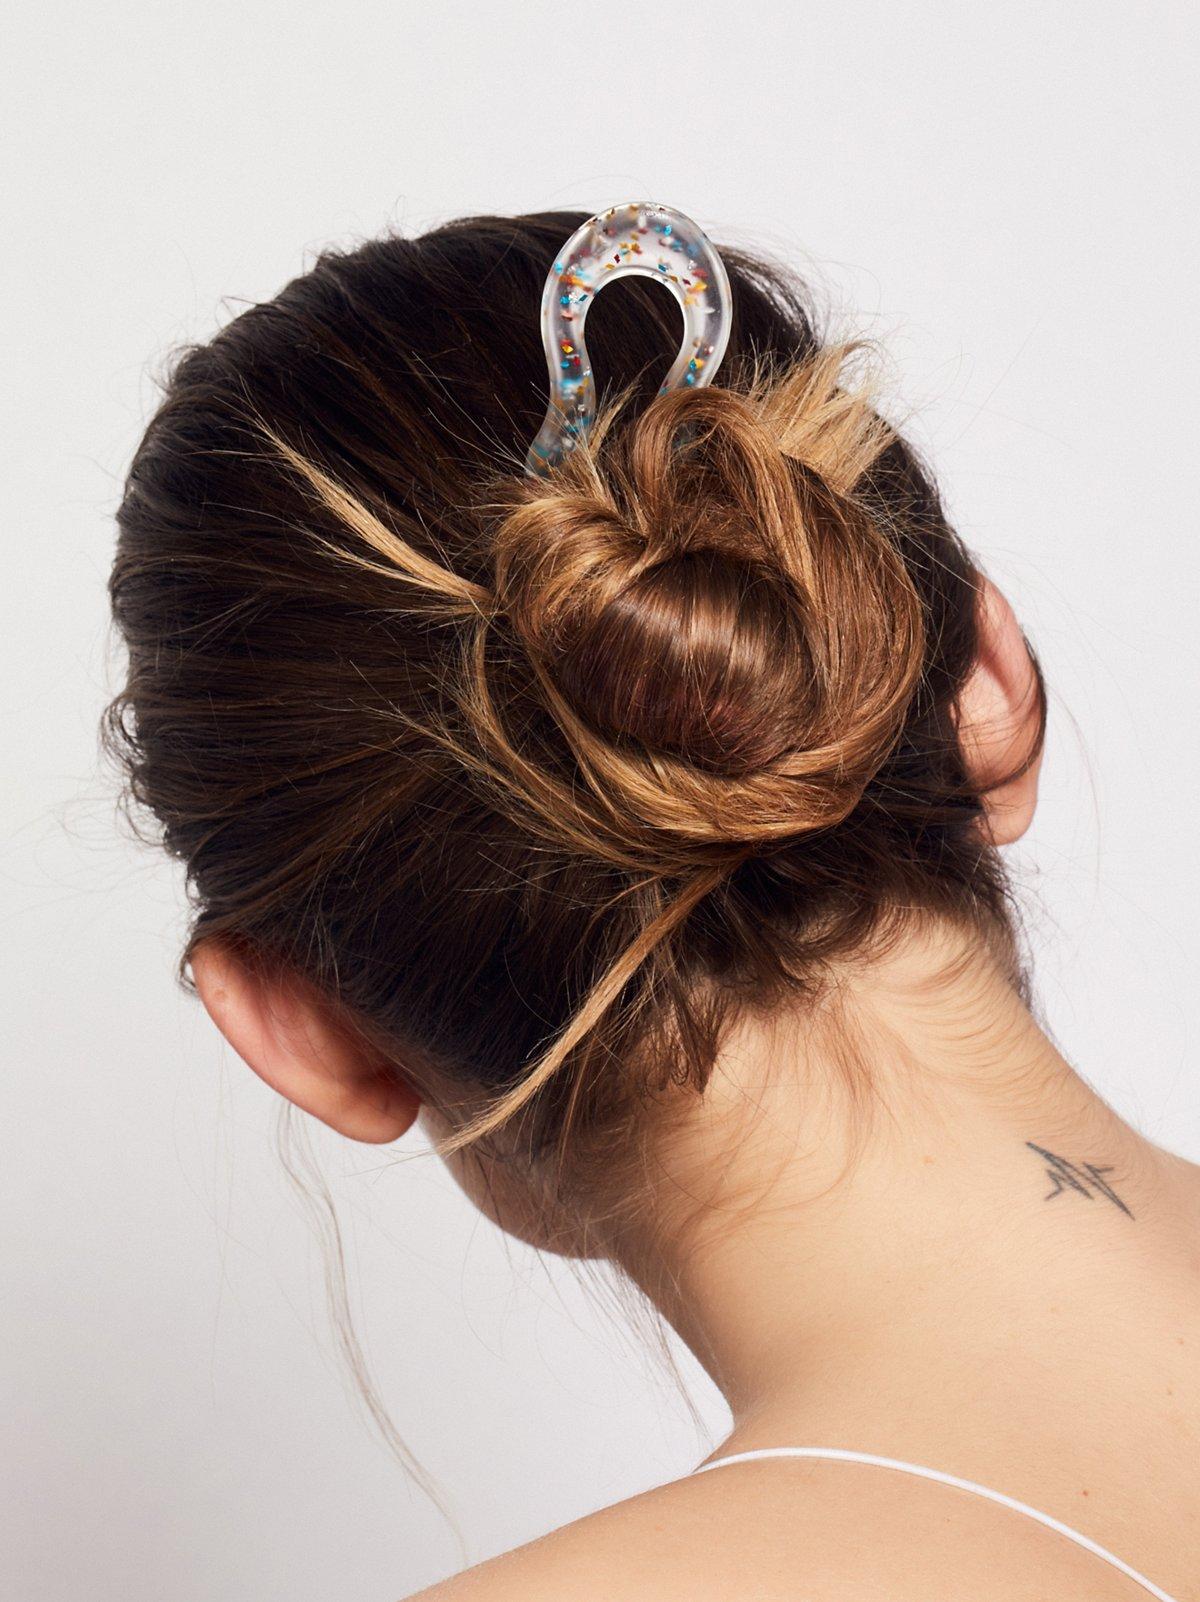 Confetti Hair Pick